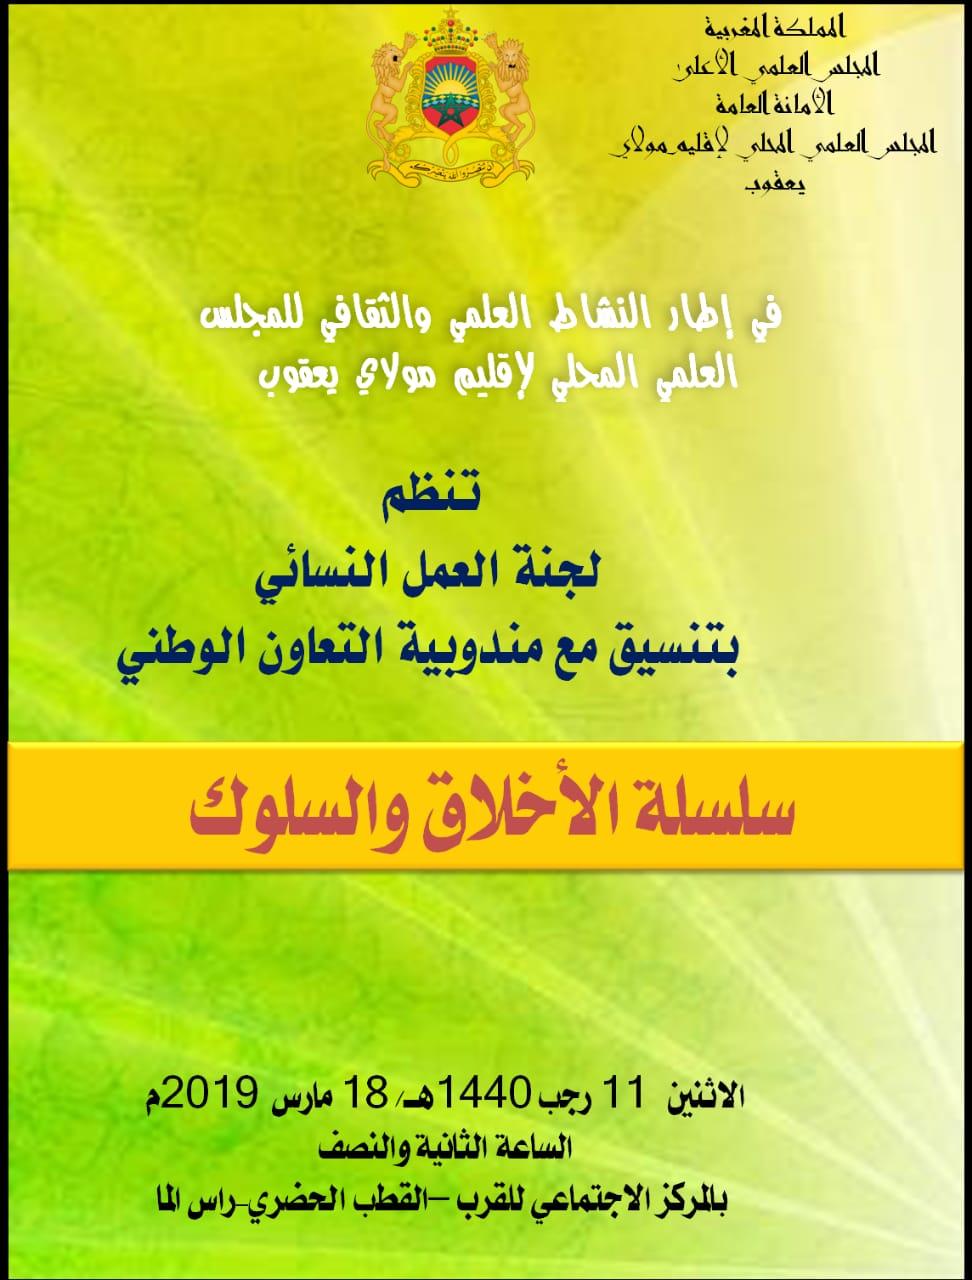 8fa71613e سلسلة الأخلاق والسلوك -الحلقة الثالثة - المجلس العلمي المحلي لإقليم مولاي  يعقوب